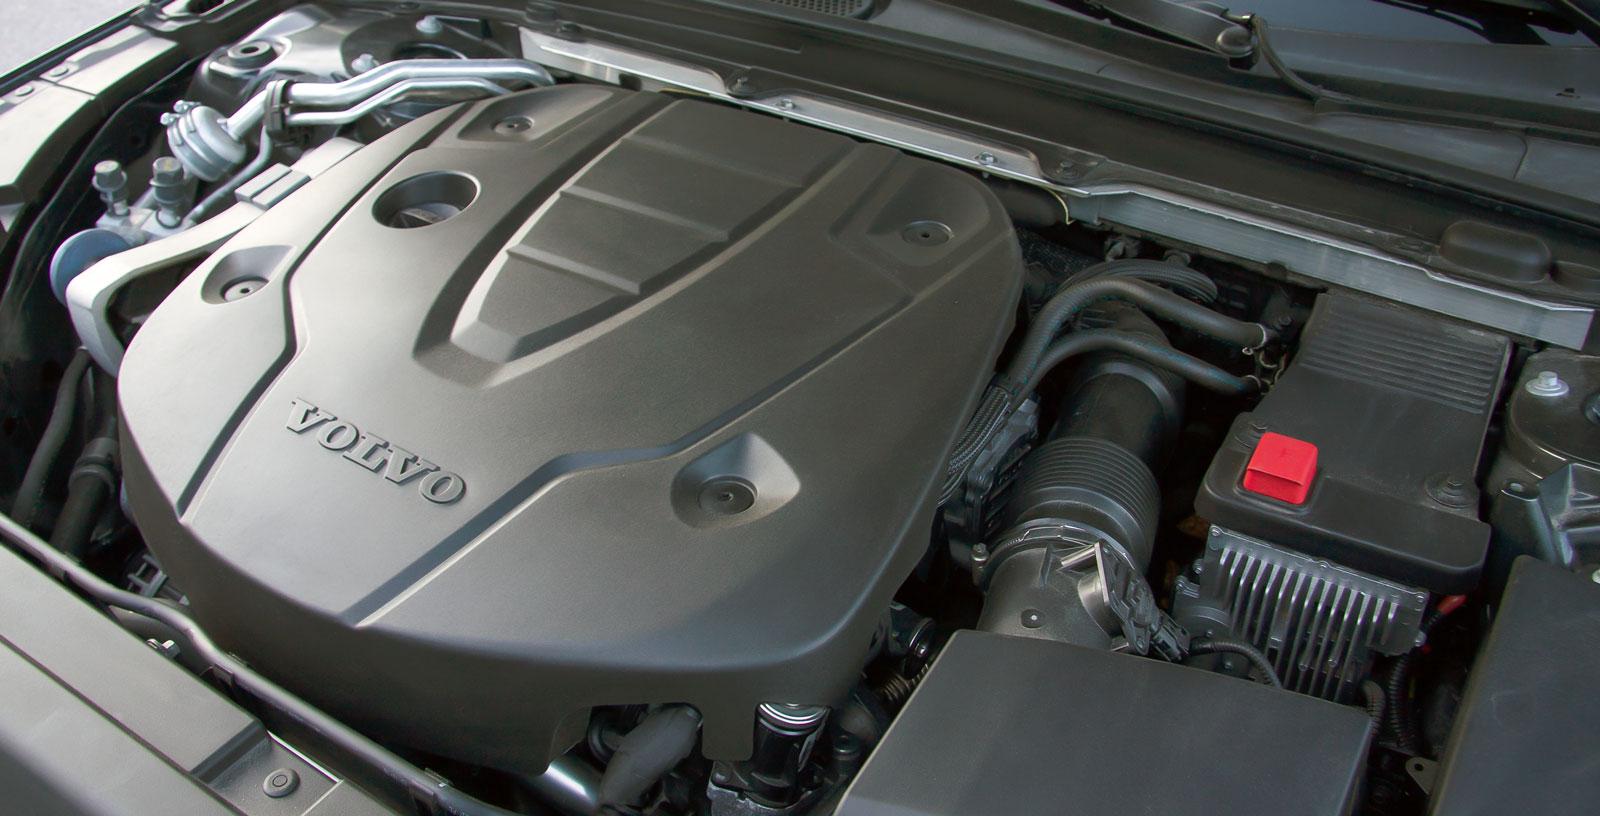 Tvålitersmotorn gör ett beundransvärt jobb för fart och förbrukning i Volvo men kraftkaraktären är trots allt inte den samma som i de tyska bilarna. Dessutom mankerar samspelet med växellådan en smula.